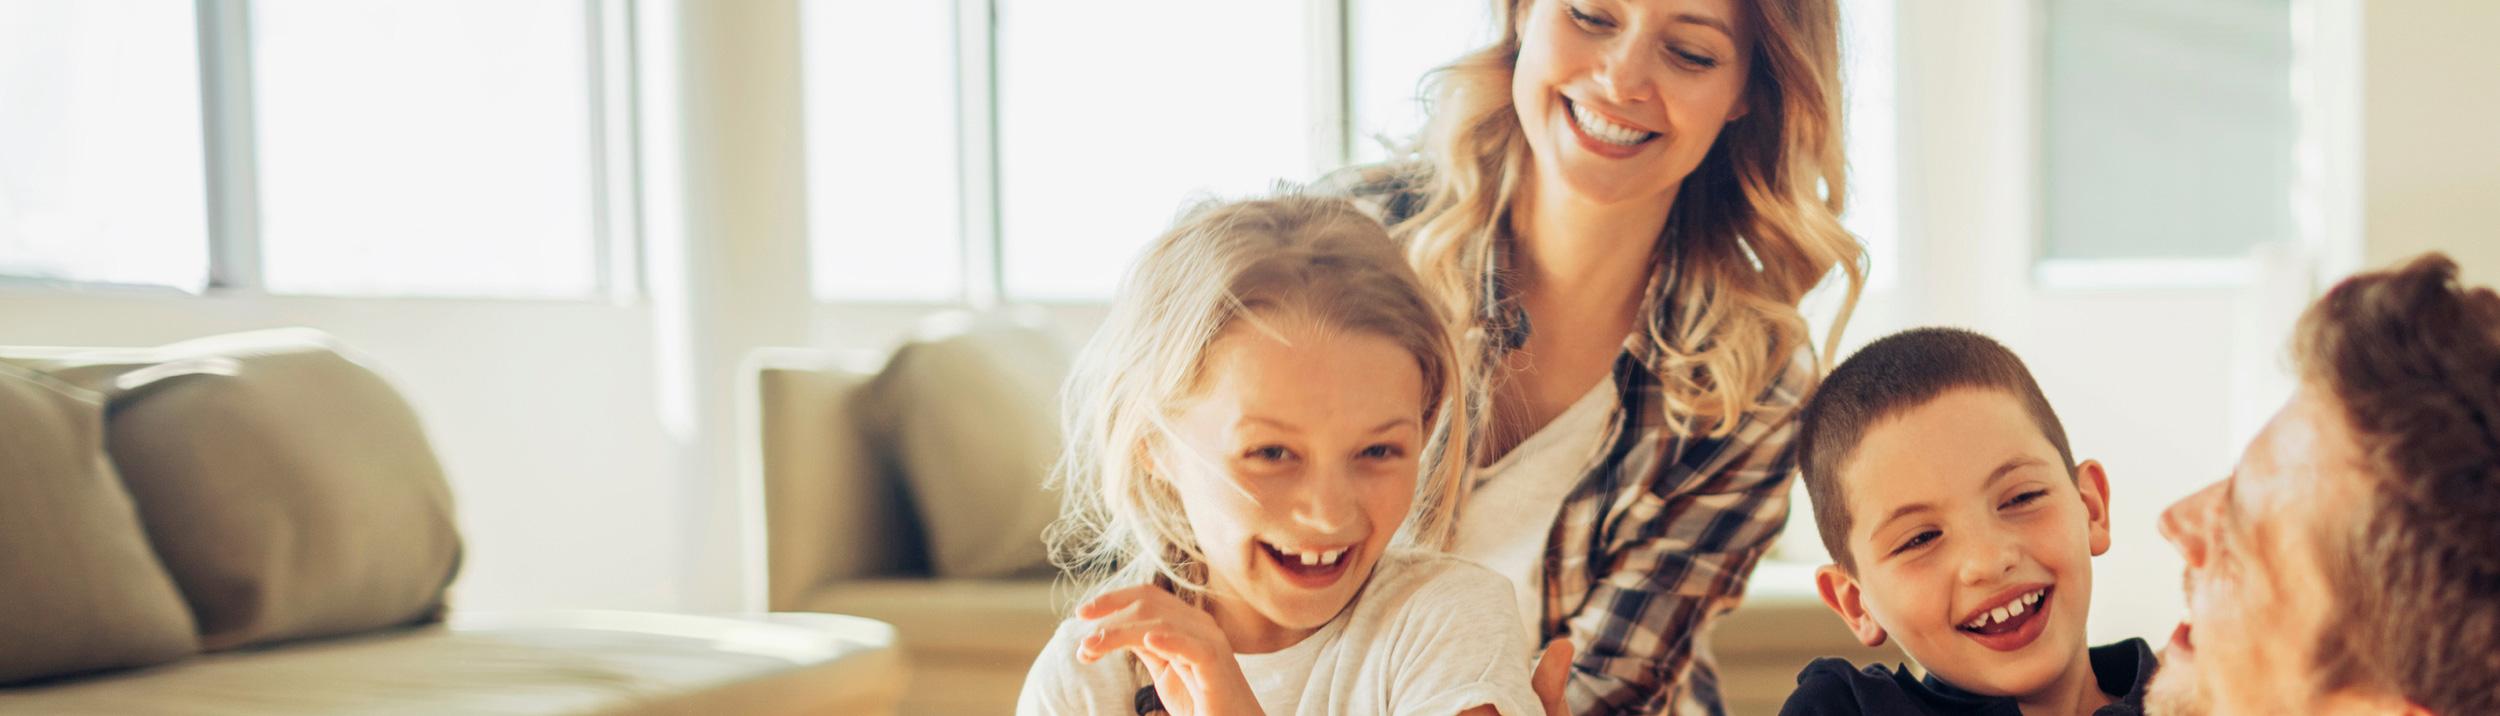 Familie mit Kindern am spielen und lachen im Wohnzimmer.Kuschelig warme Winter dank Heizungen der Urs Metzger AG. Fühlen Sie sich Zuhause wohl dank Heizungen der Urs Metzger AG.